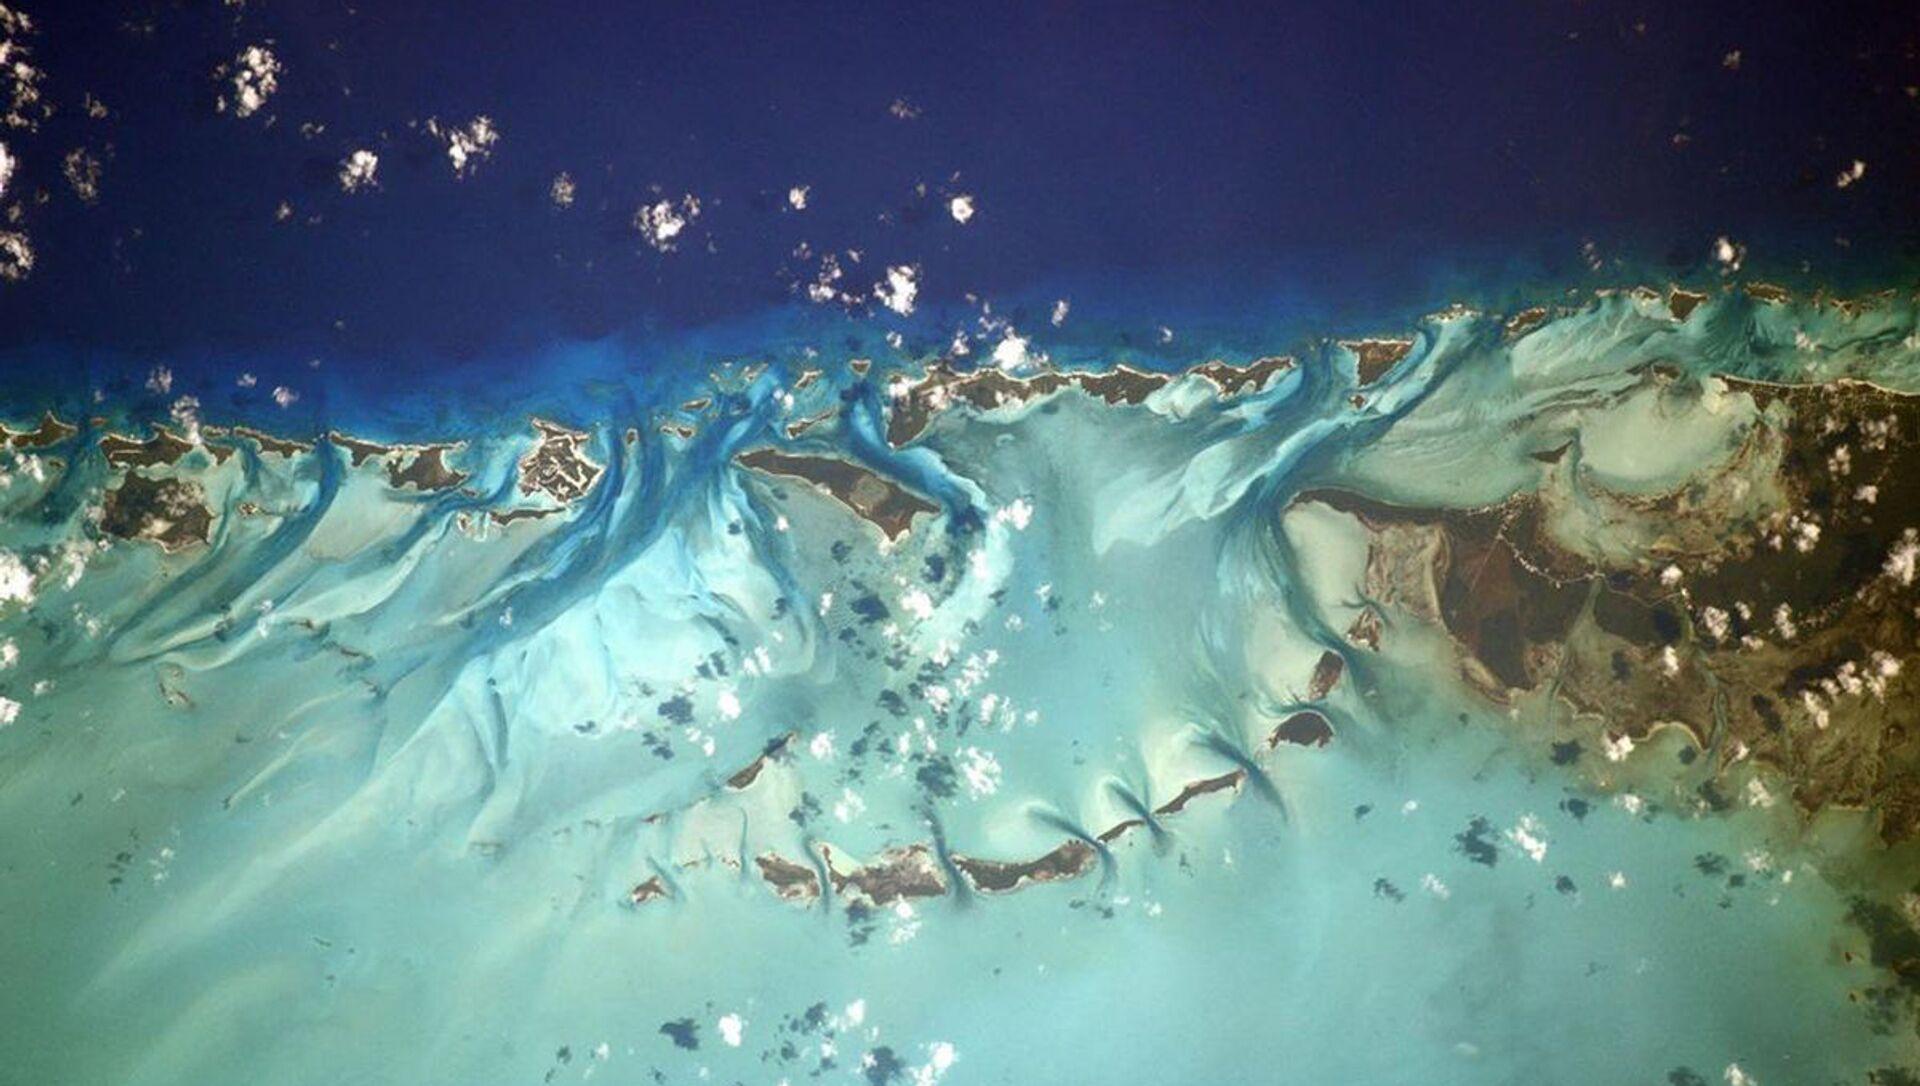 Bahamy zdjęte z pokładu Międzynarodowej Stacji Kosmicznej - Sputnik Polska, 1920, 02.03.2021